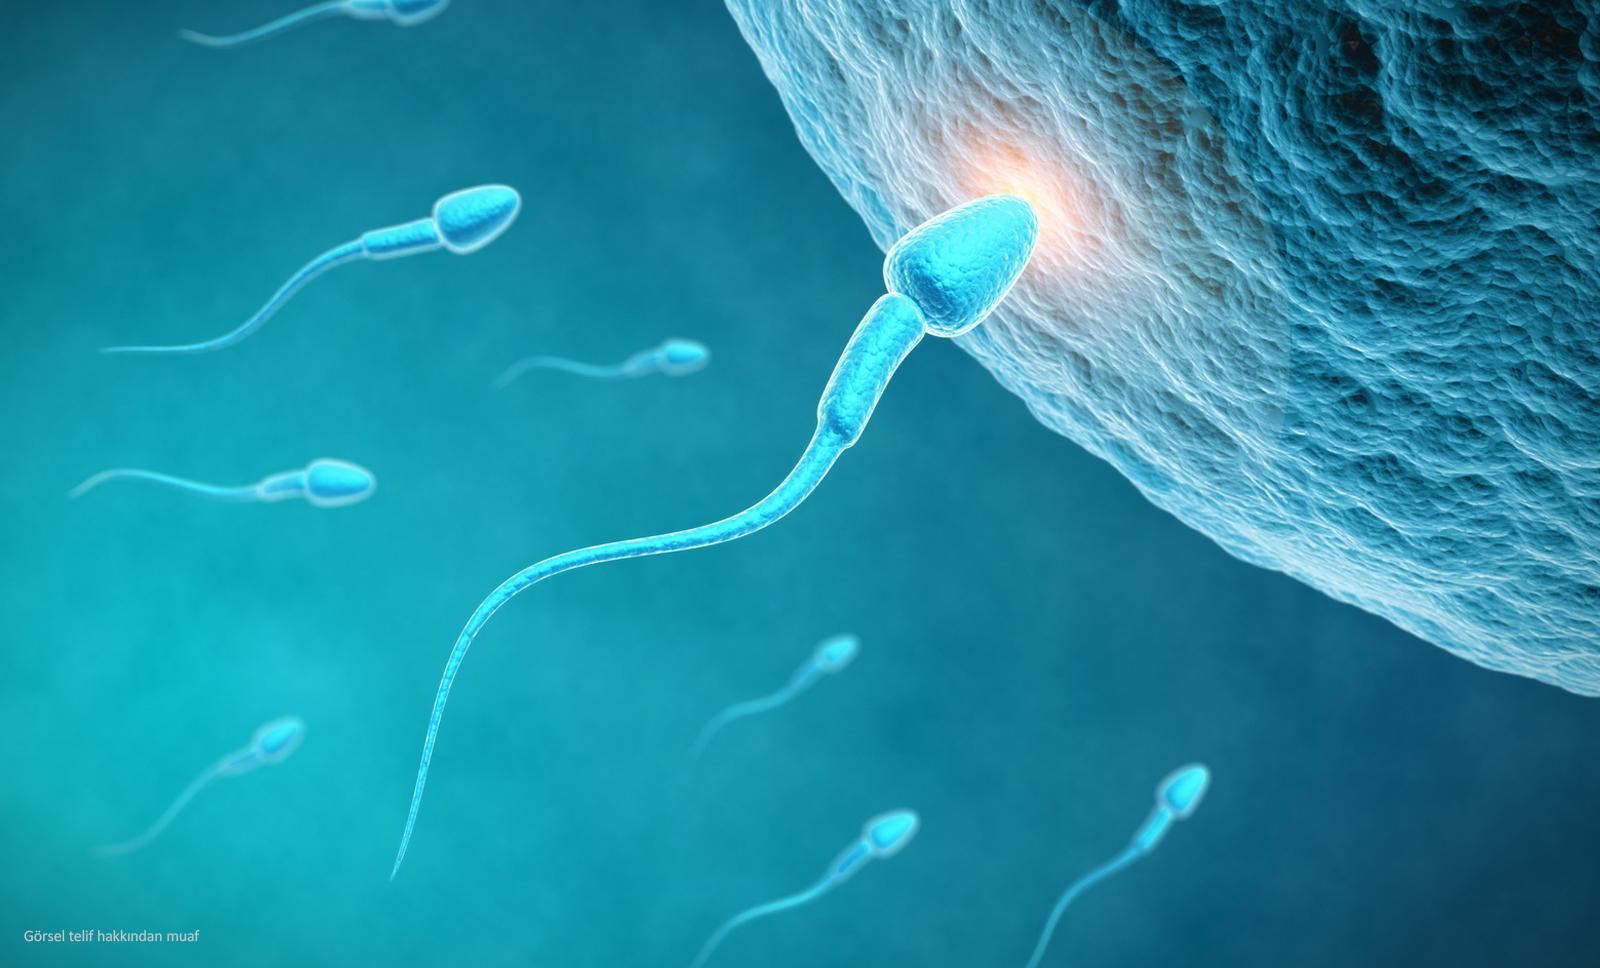 vliyaet-li-stress-na-kachestvo-spermi